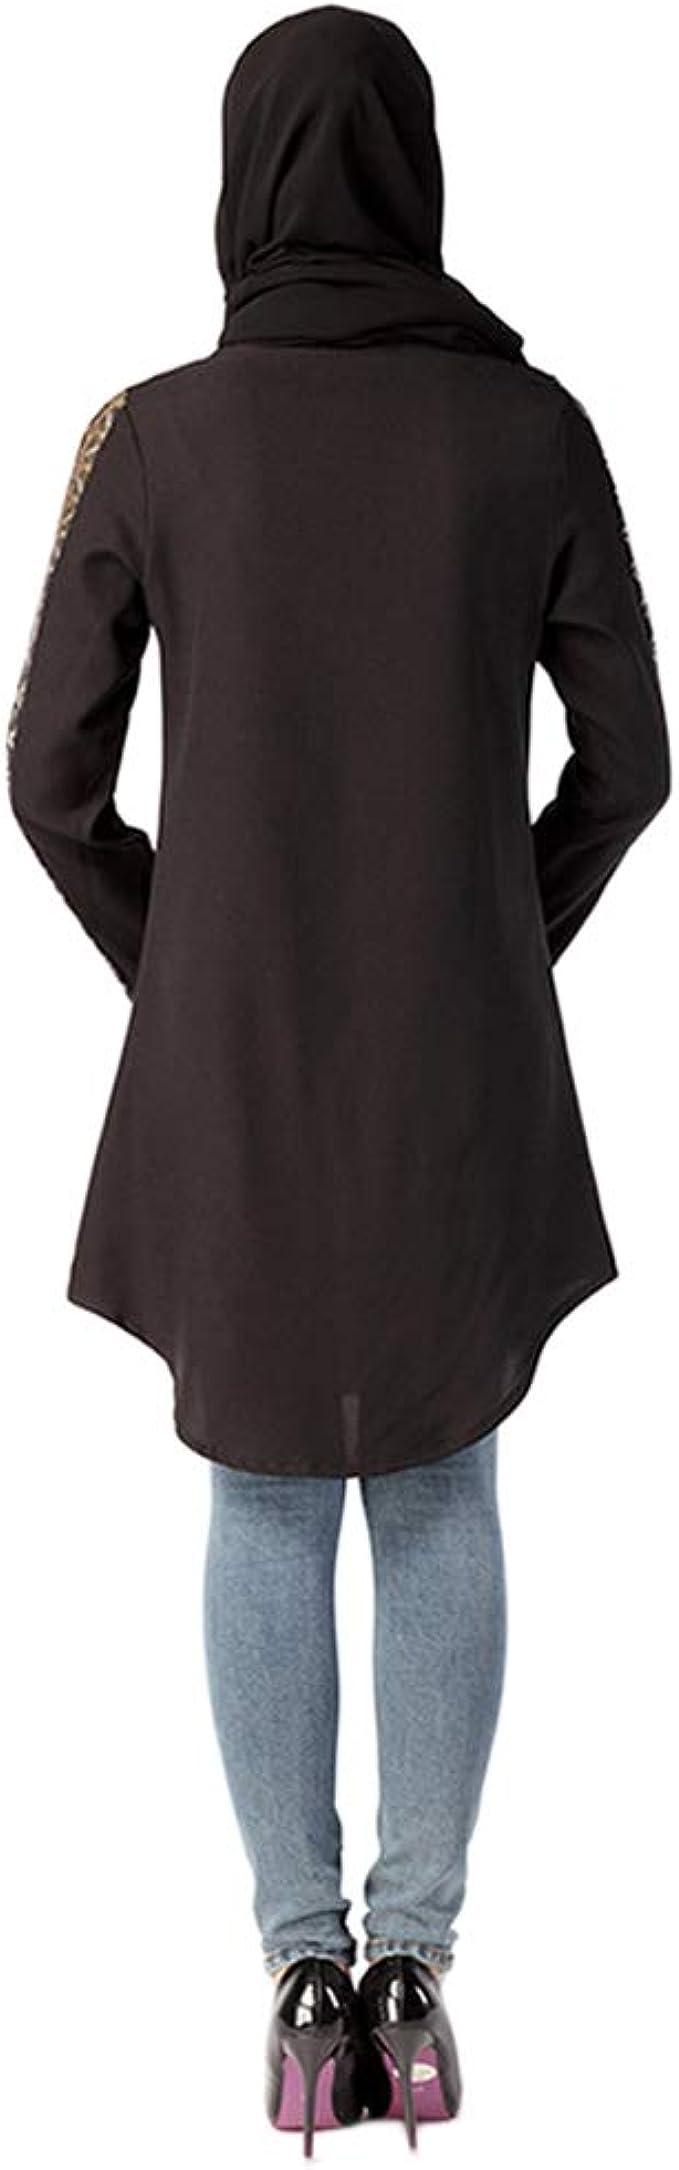 Meijunter Camisas de Mujer Musulmana - Camisa Arabe Abaya Vestido Blusa de Kaftan Islámico para Ramadán: Amazon.es: Ropa y accesorios